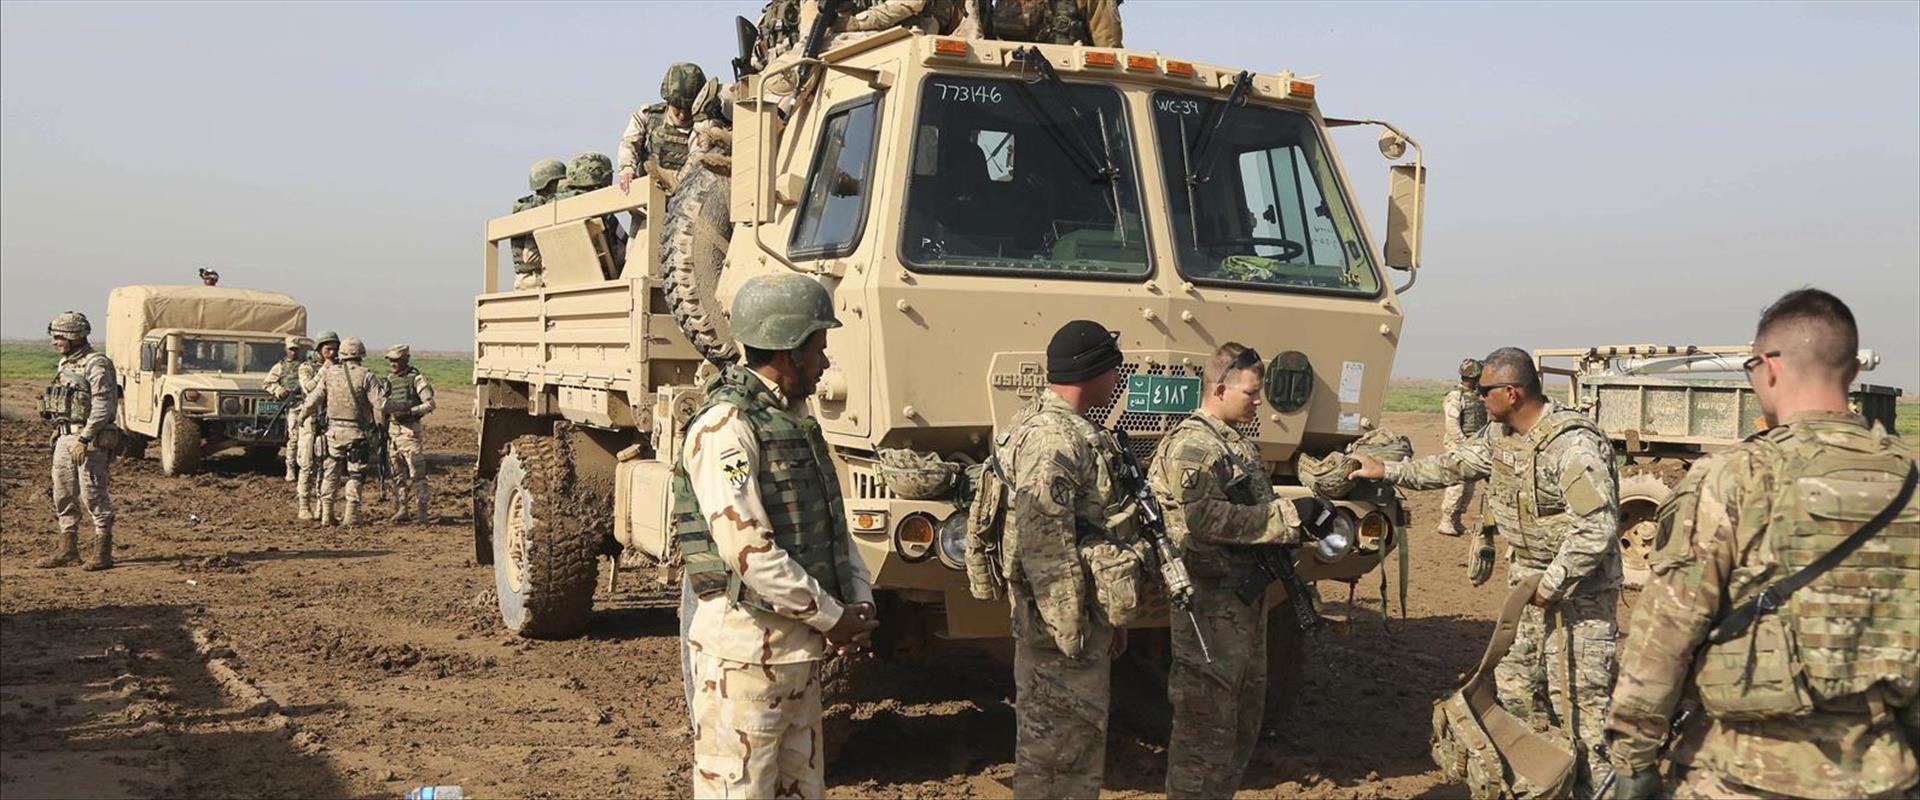 הכוחות האמריקנים בעיראק